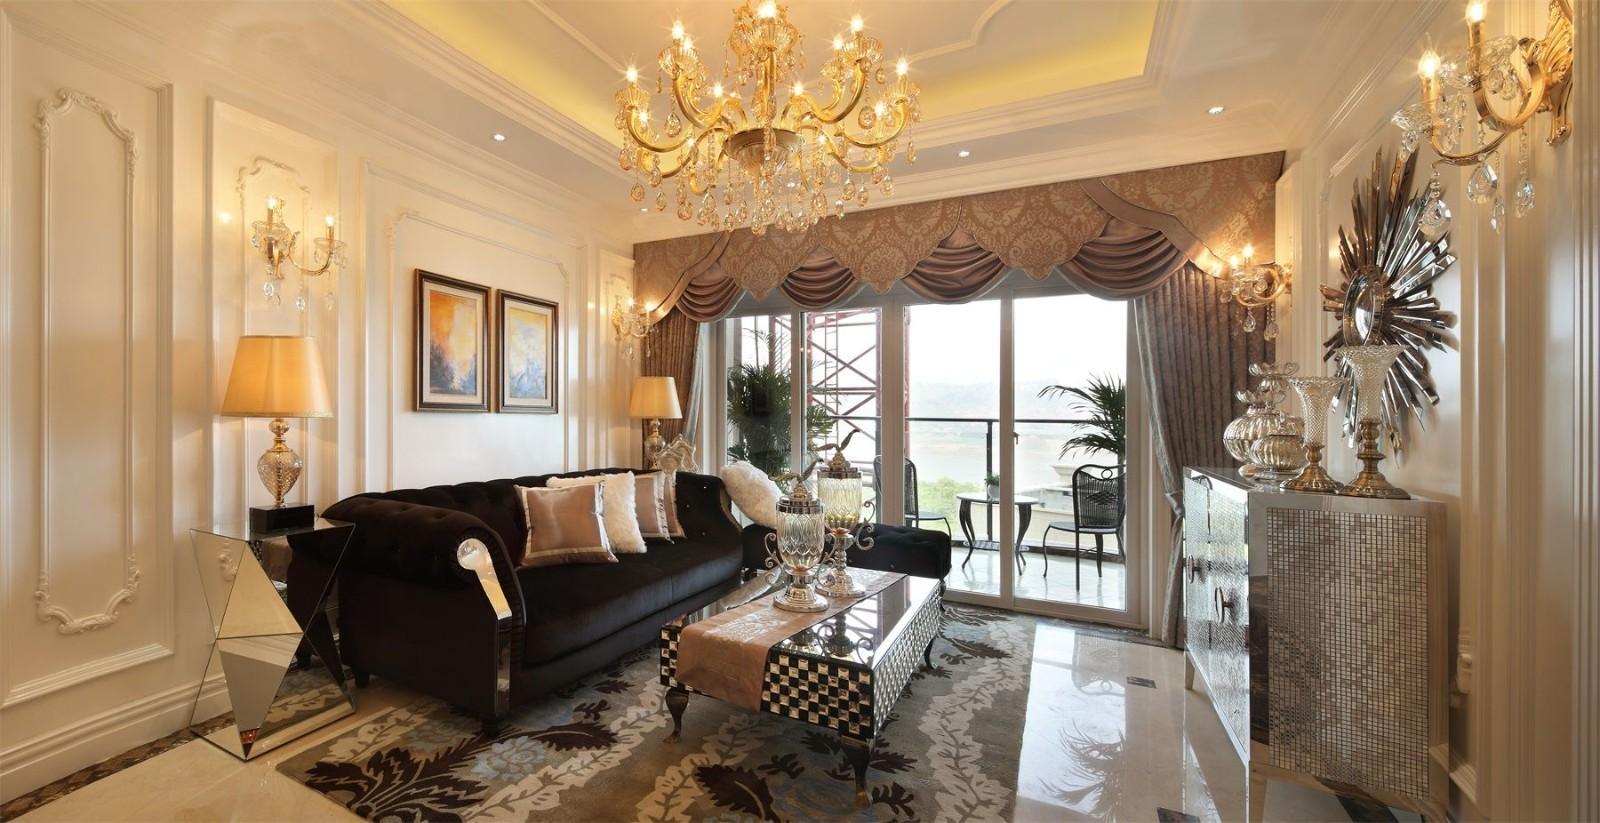 三室兩廳120平米法式風格客廳裝修效果圖